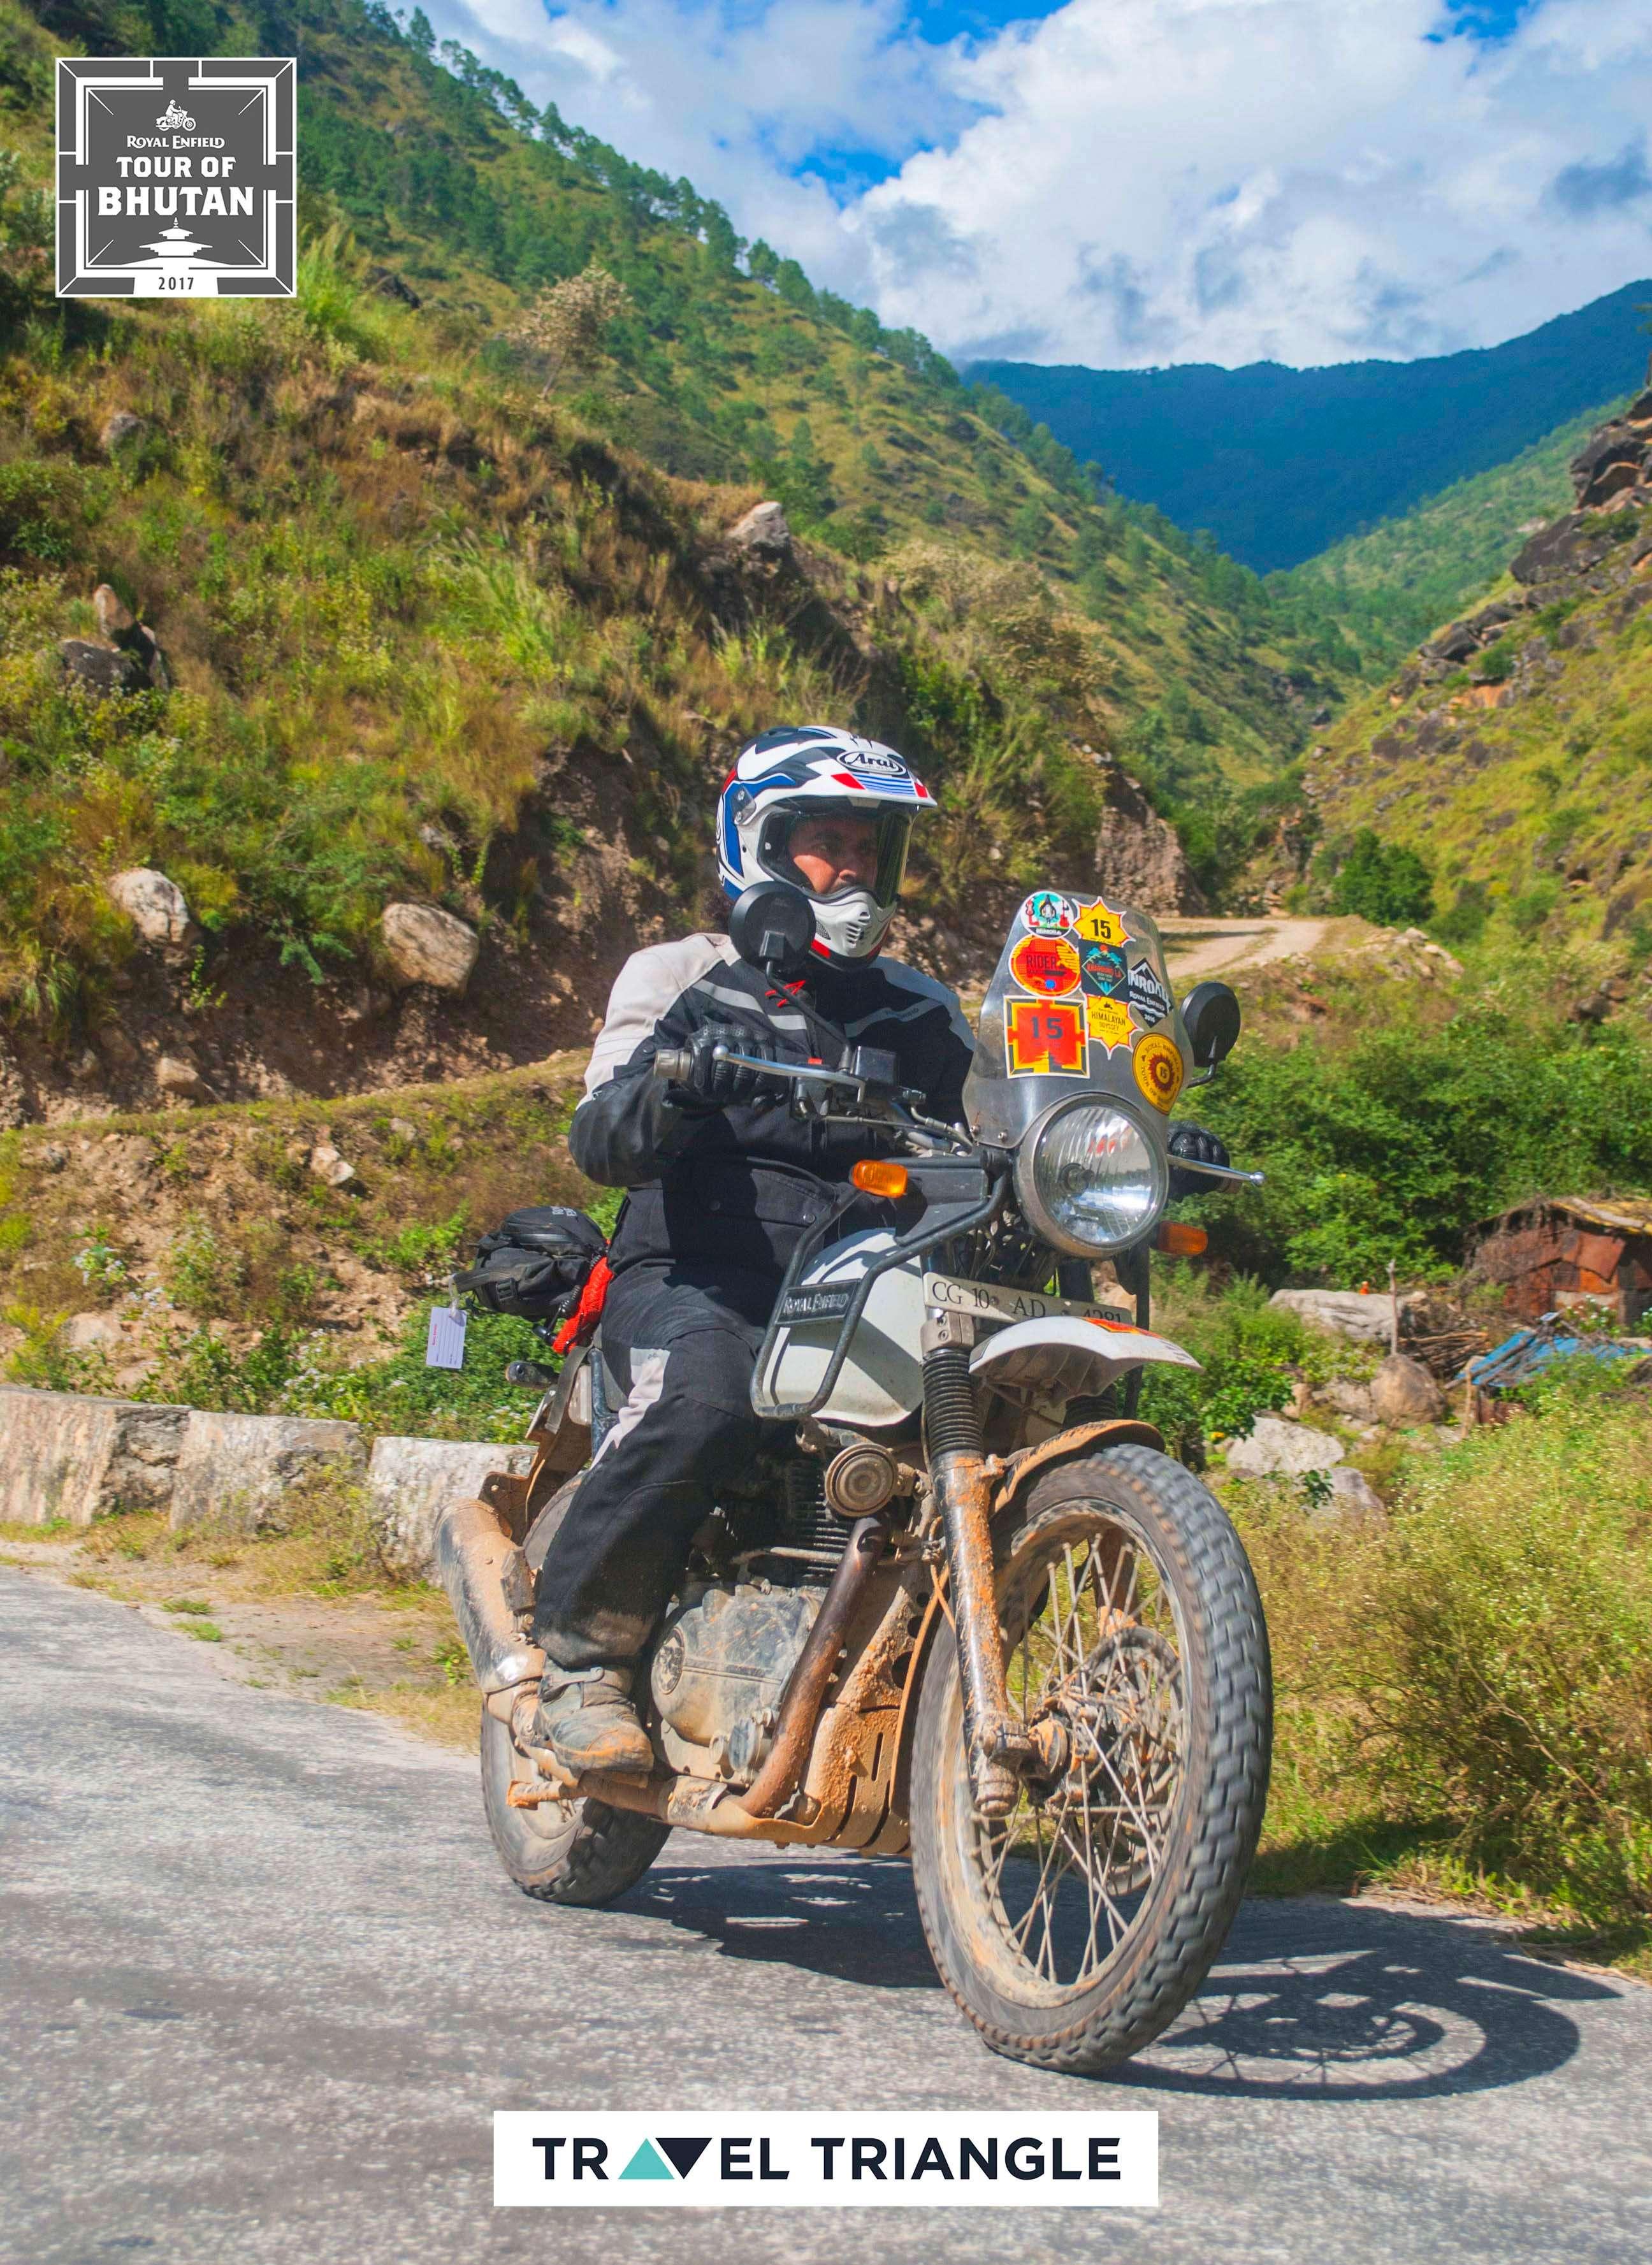 Mongar to Trashigang: a rider on his royal enfield